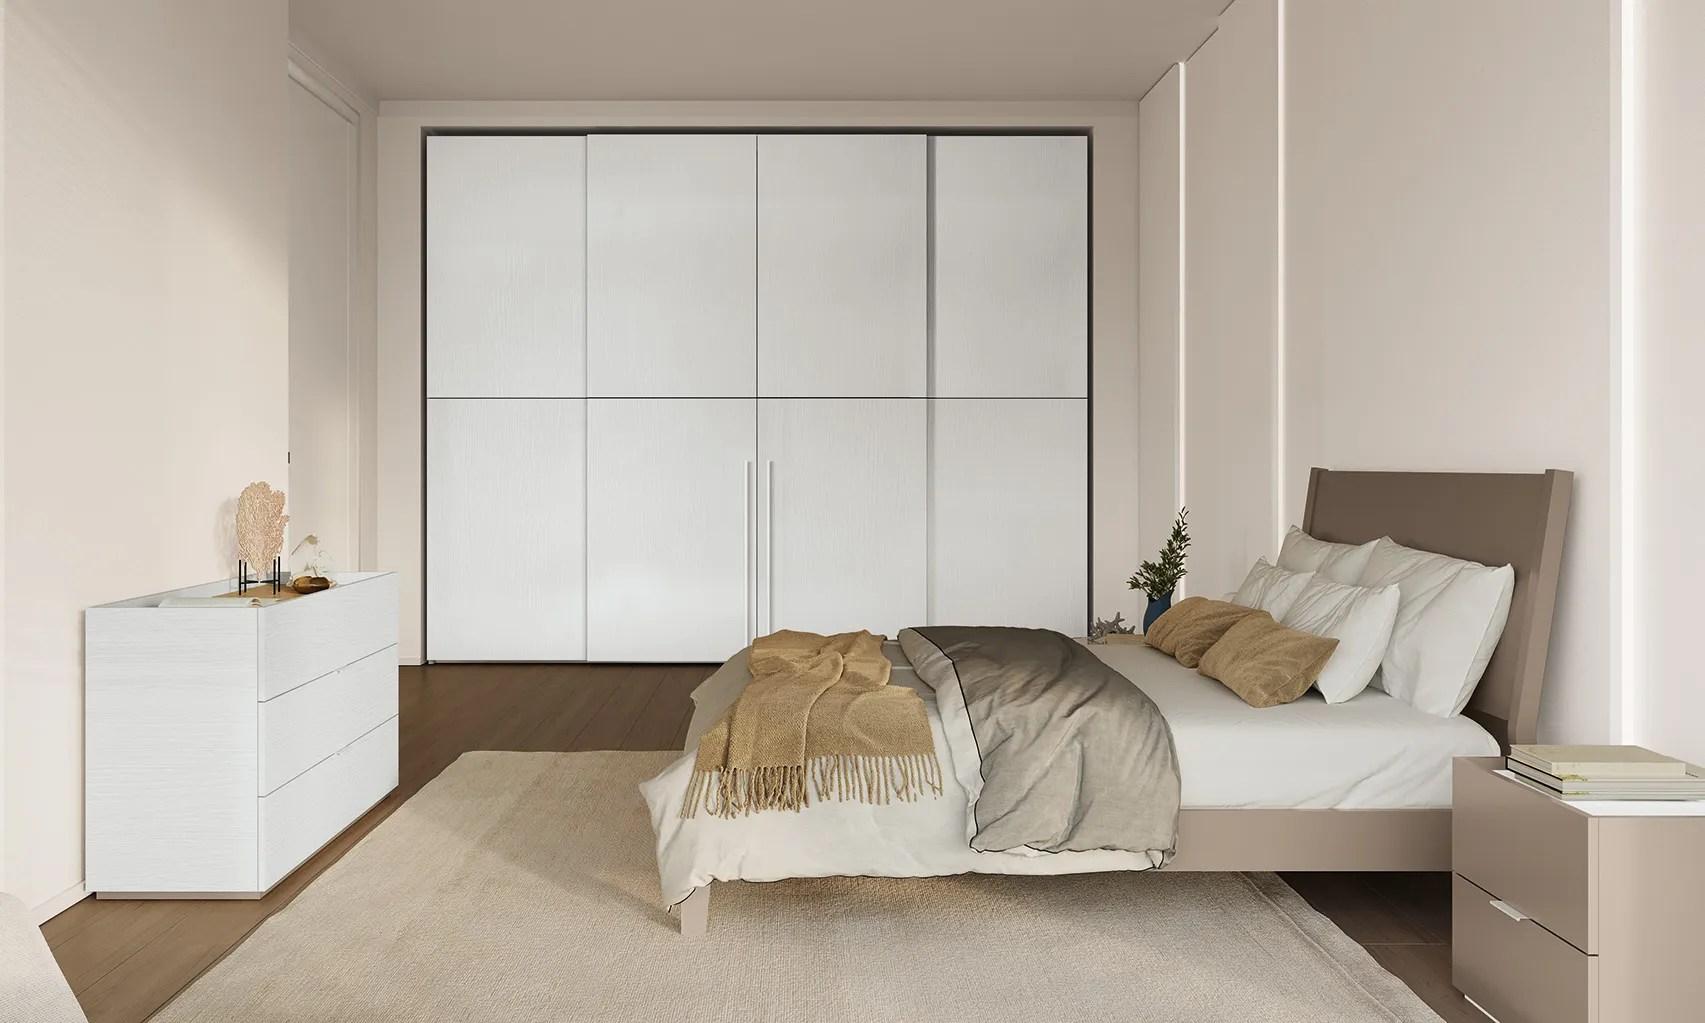 Letti imbottiti, di legno e di metallo con o senza contenitore. Camere Matrimoniali Complete Classiche O Moderne Febal Casa